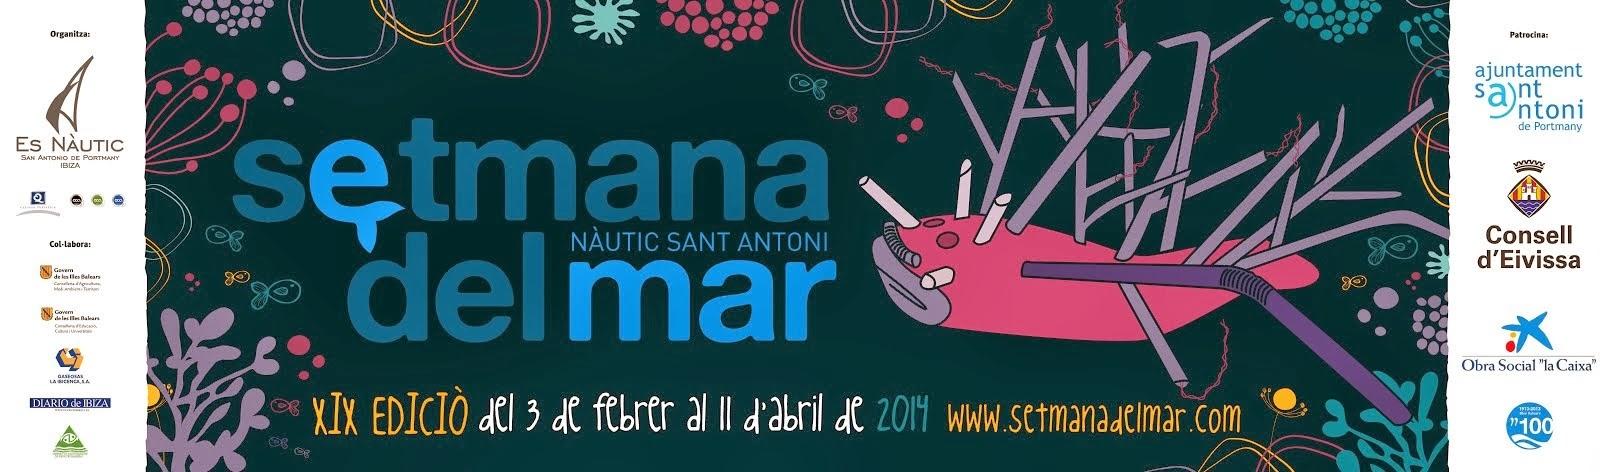 http://setmanadelmarcnsa.blogspot.com.es/2014/02/guillem-de-montgri-comprueba-lo-que-creo.html?showComment=1393007927551#c6347901026117636476